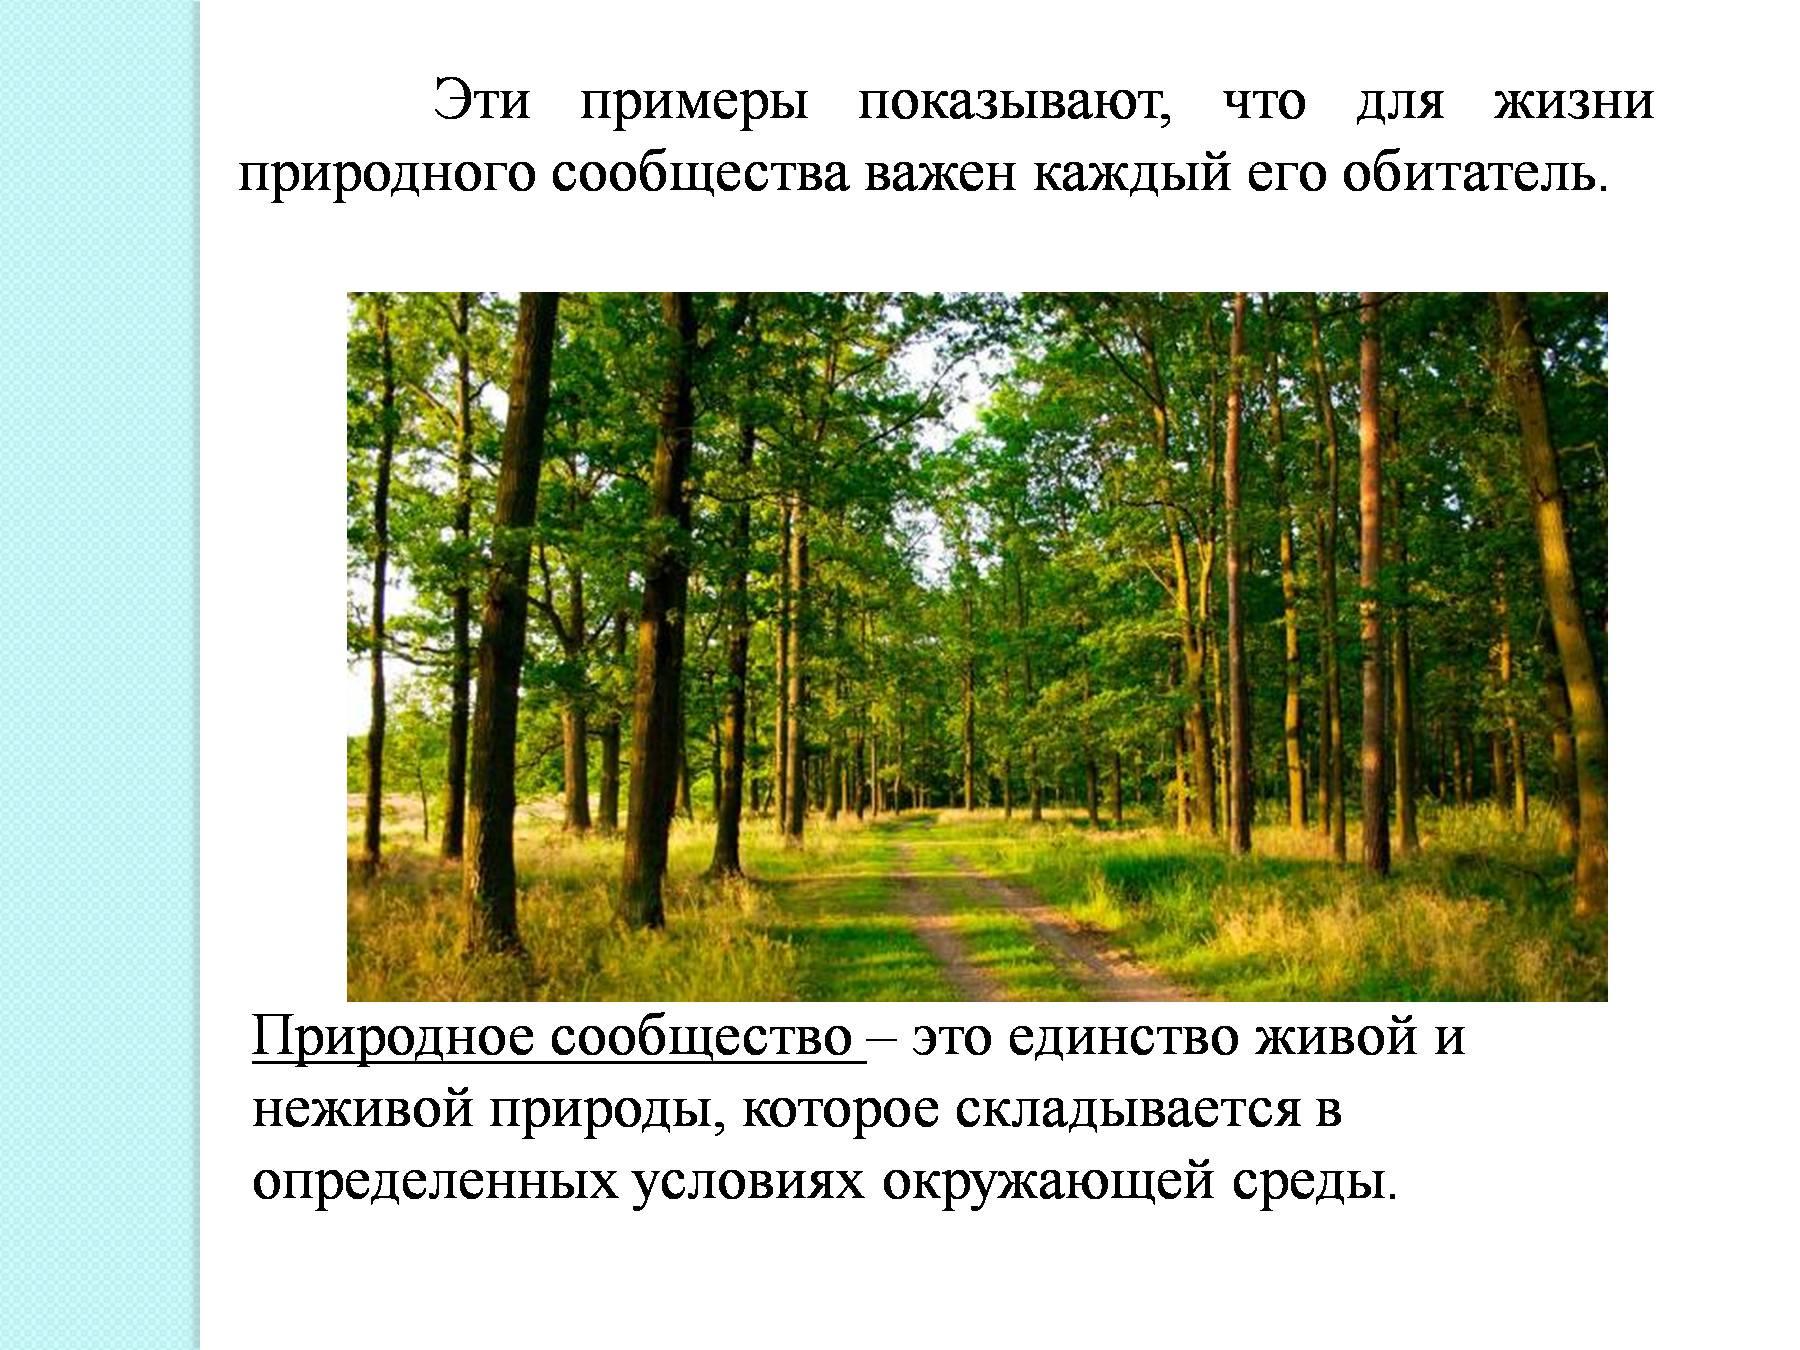 как называется место занимаемое природным сообществом